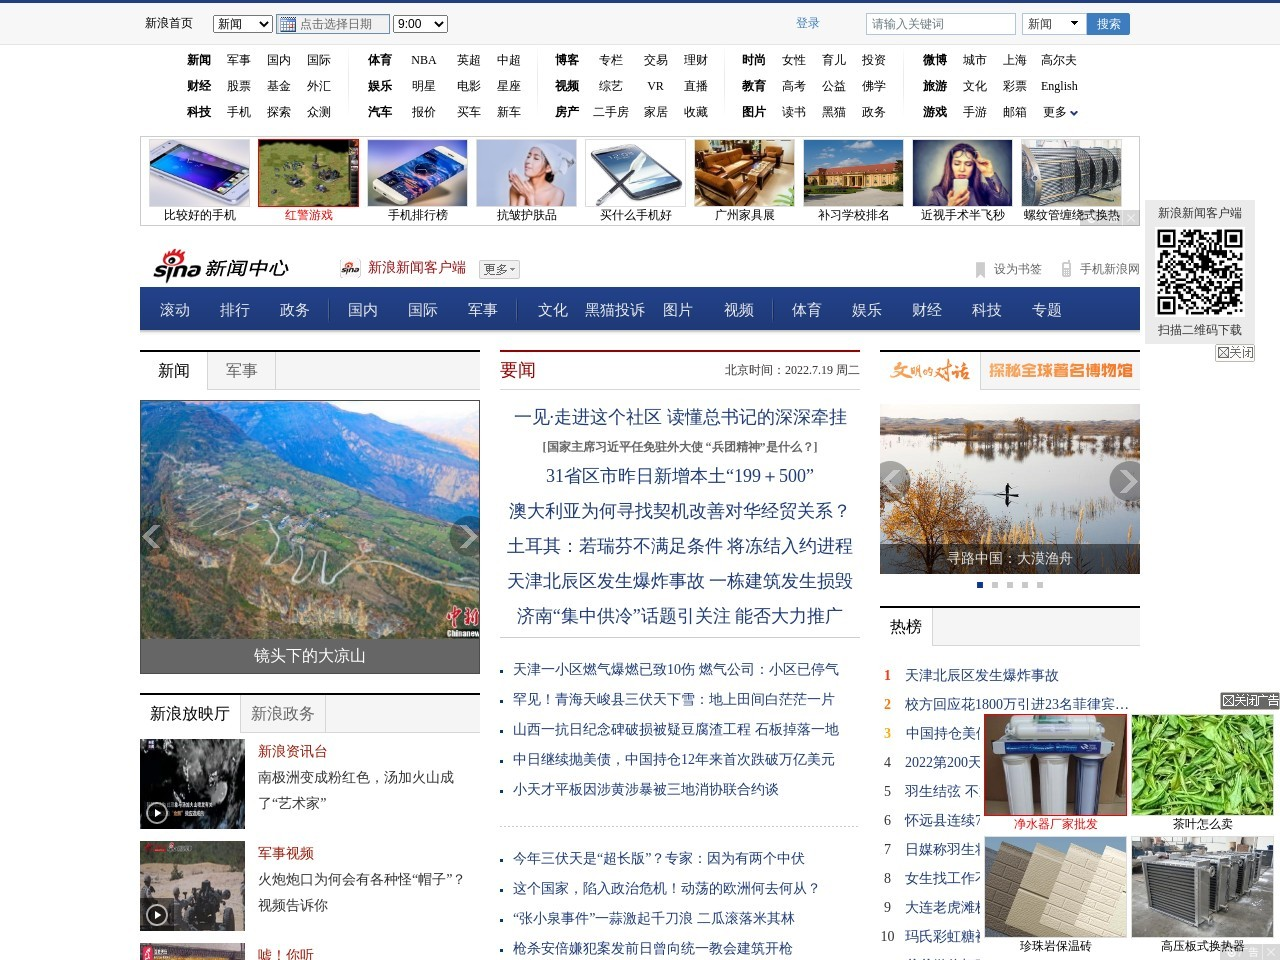 卫星视角 重温镌刻红色记忆的片片热土_新浪新闻